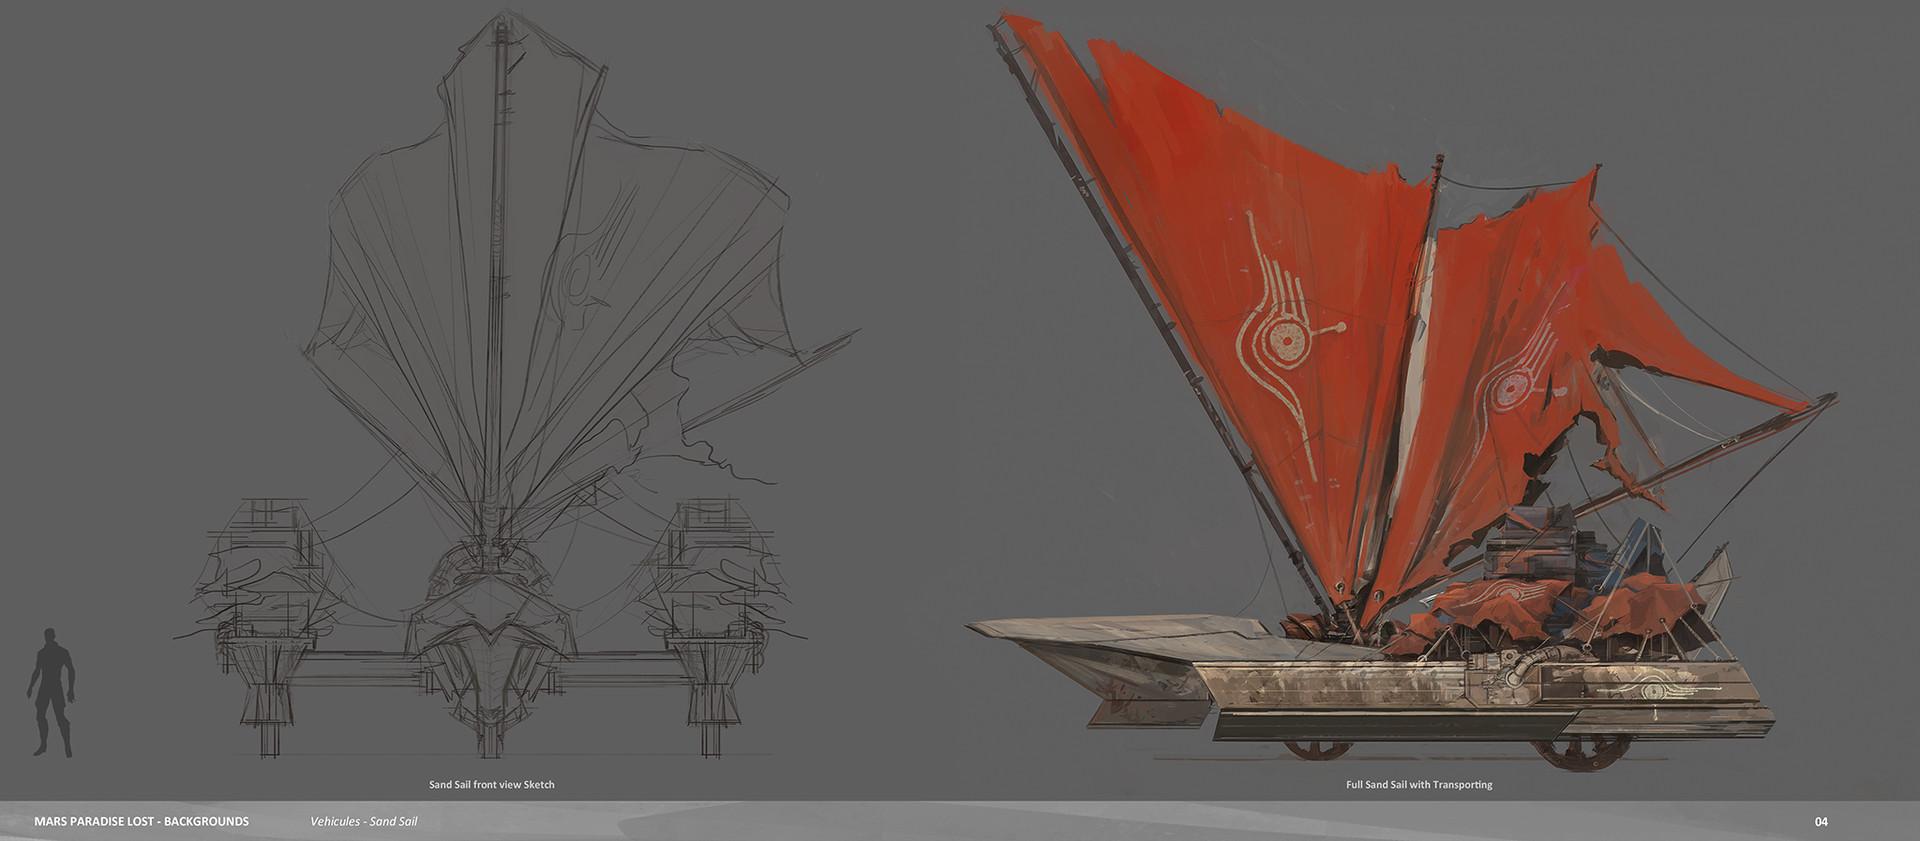 Alexandre chaudret mpl backgrounds vehicules sandsails04